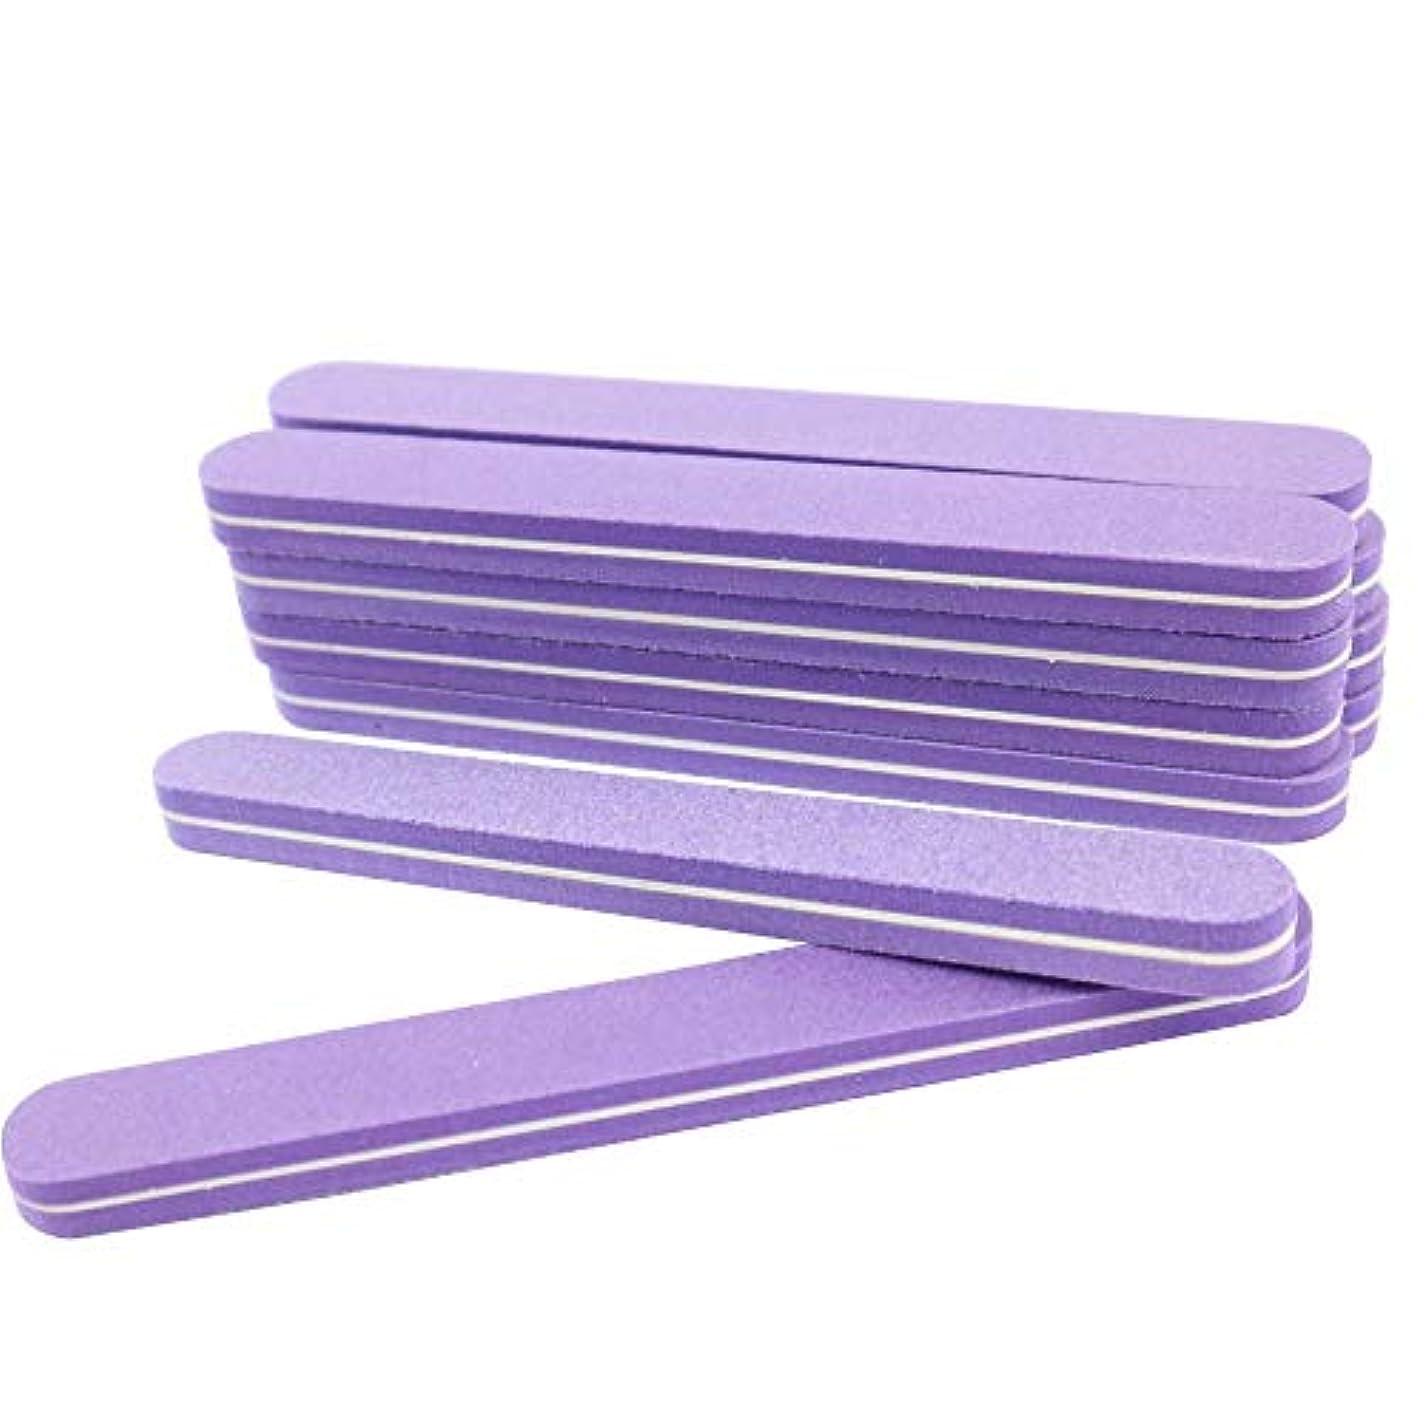 クライマックス名誉ある講堂(値下げ)ネイル用 2WAYシャイナー 10本セット おうちで爪磨き 選べる2タイプ (形状:ストレート)